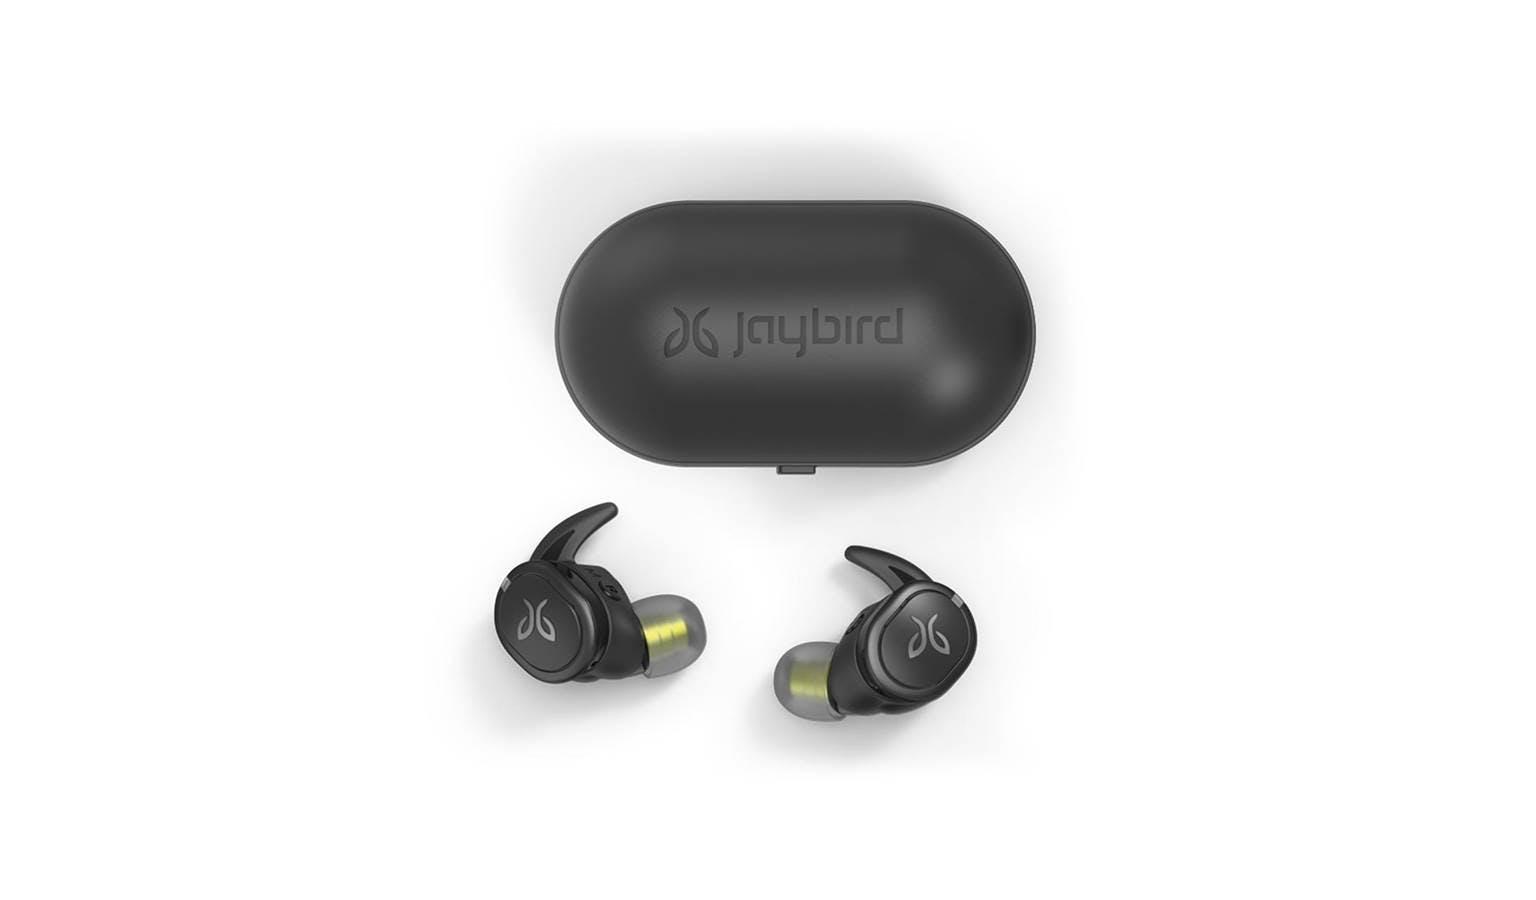 d22cff08e3a Jaybird RUN XT True Wireless Sport Headphones - Black-Flash | Harvey Norman  Singapore